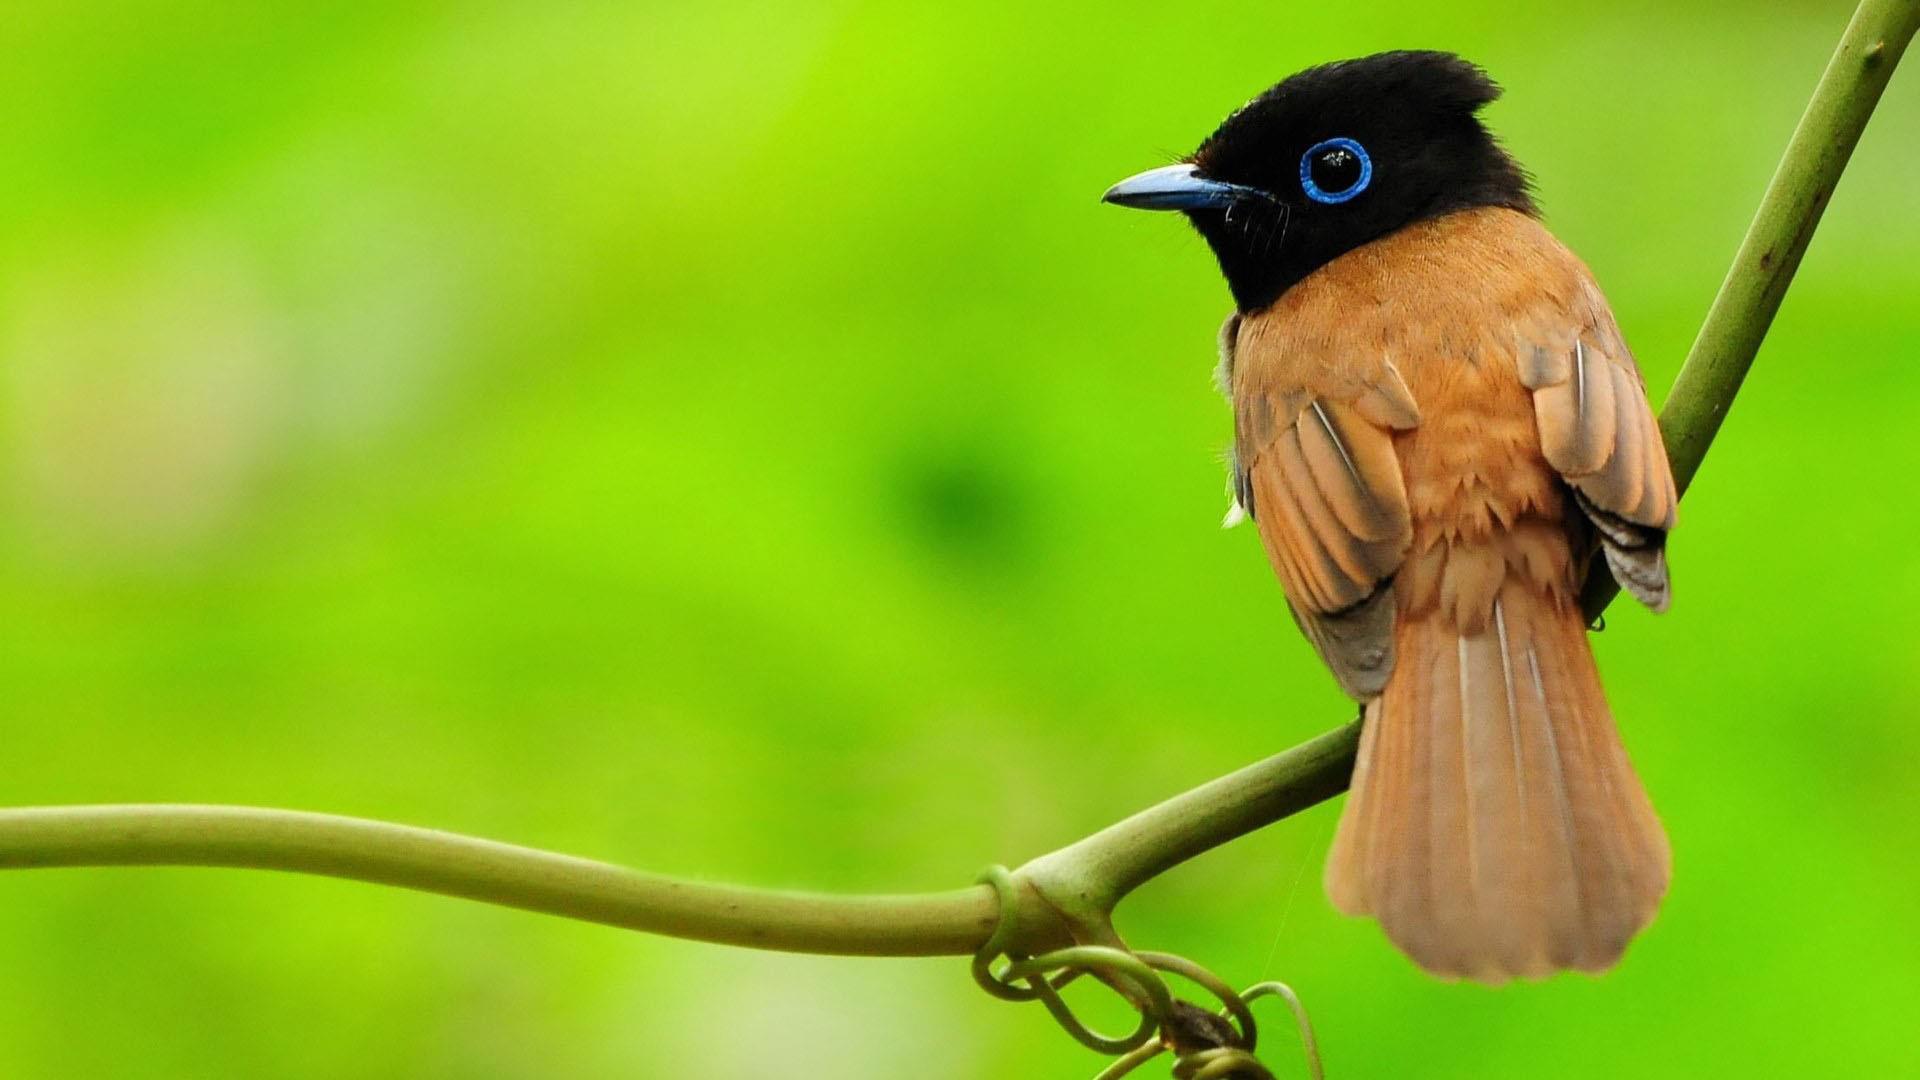 oiseaux-du-monde-en-images-et-fonds-ecran_08